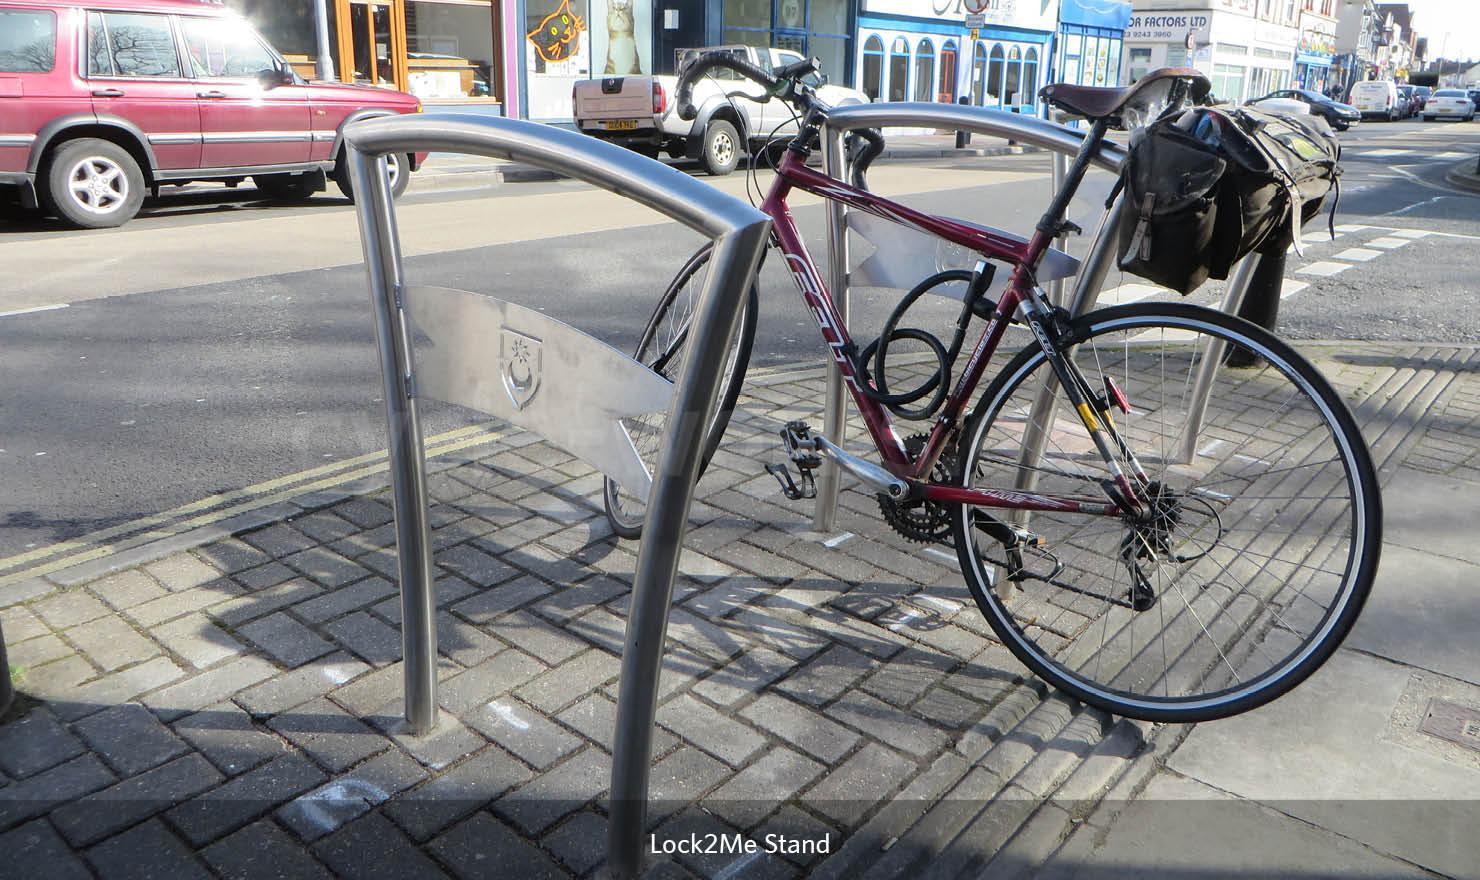 Stylish Bicycle Rack